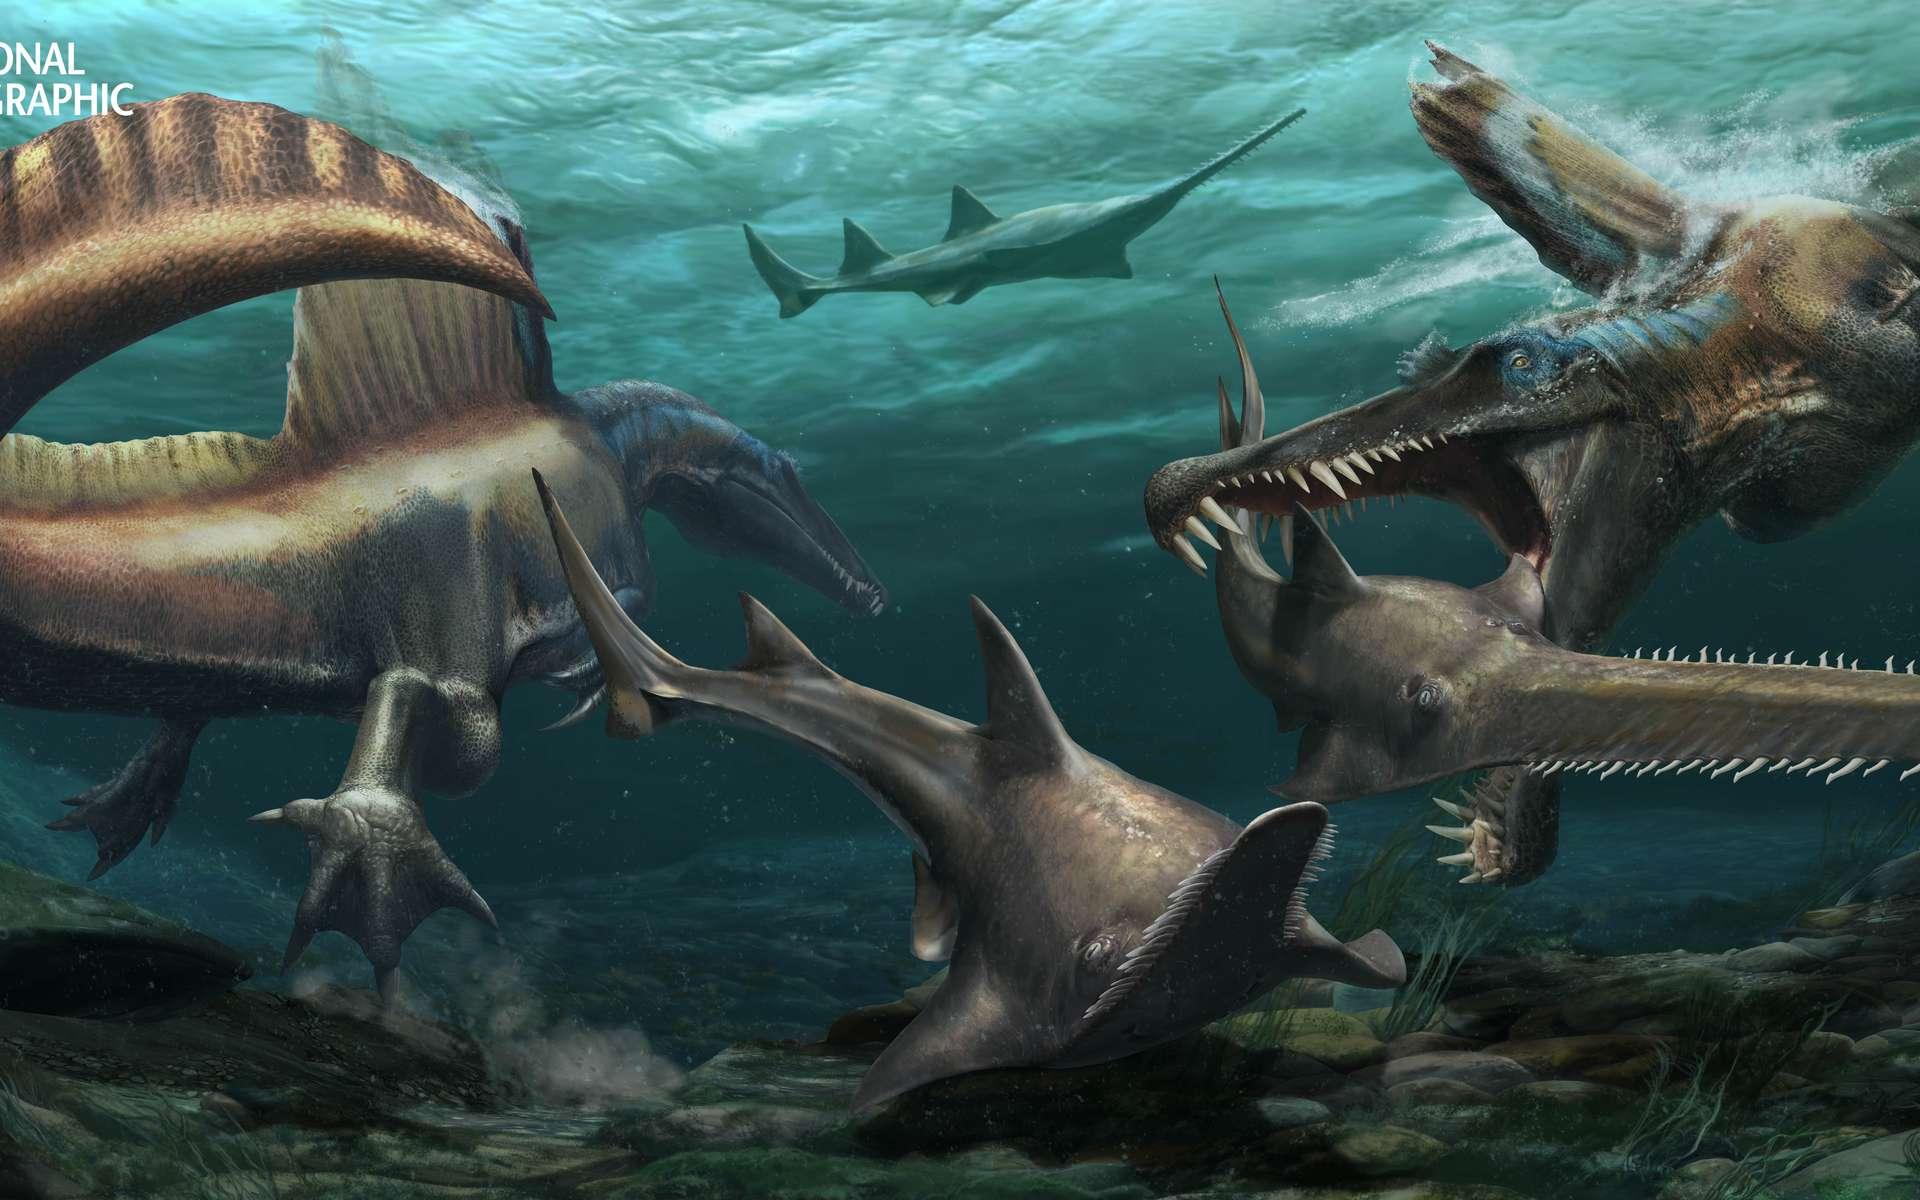 Deux gigantesques Spinosaurus chassant des Onchopristis, un poisson-scie préhistorique. © Davide Bonadonna